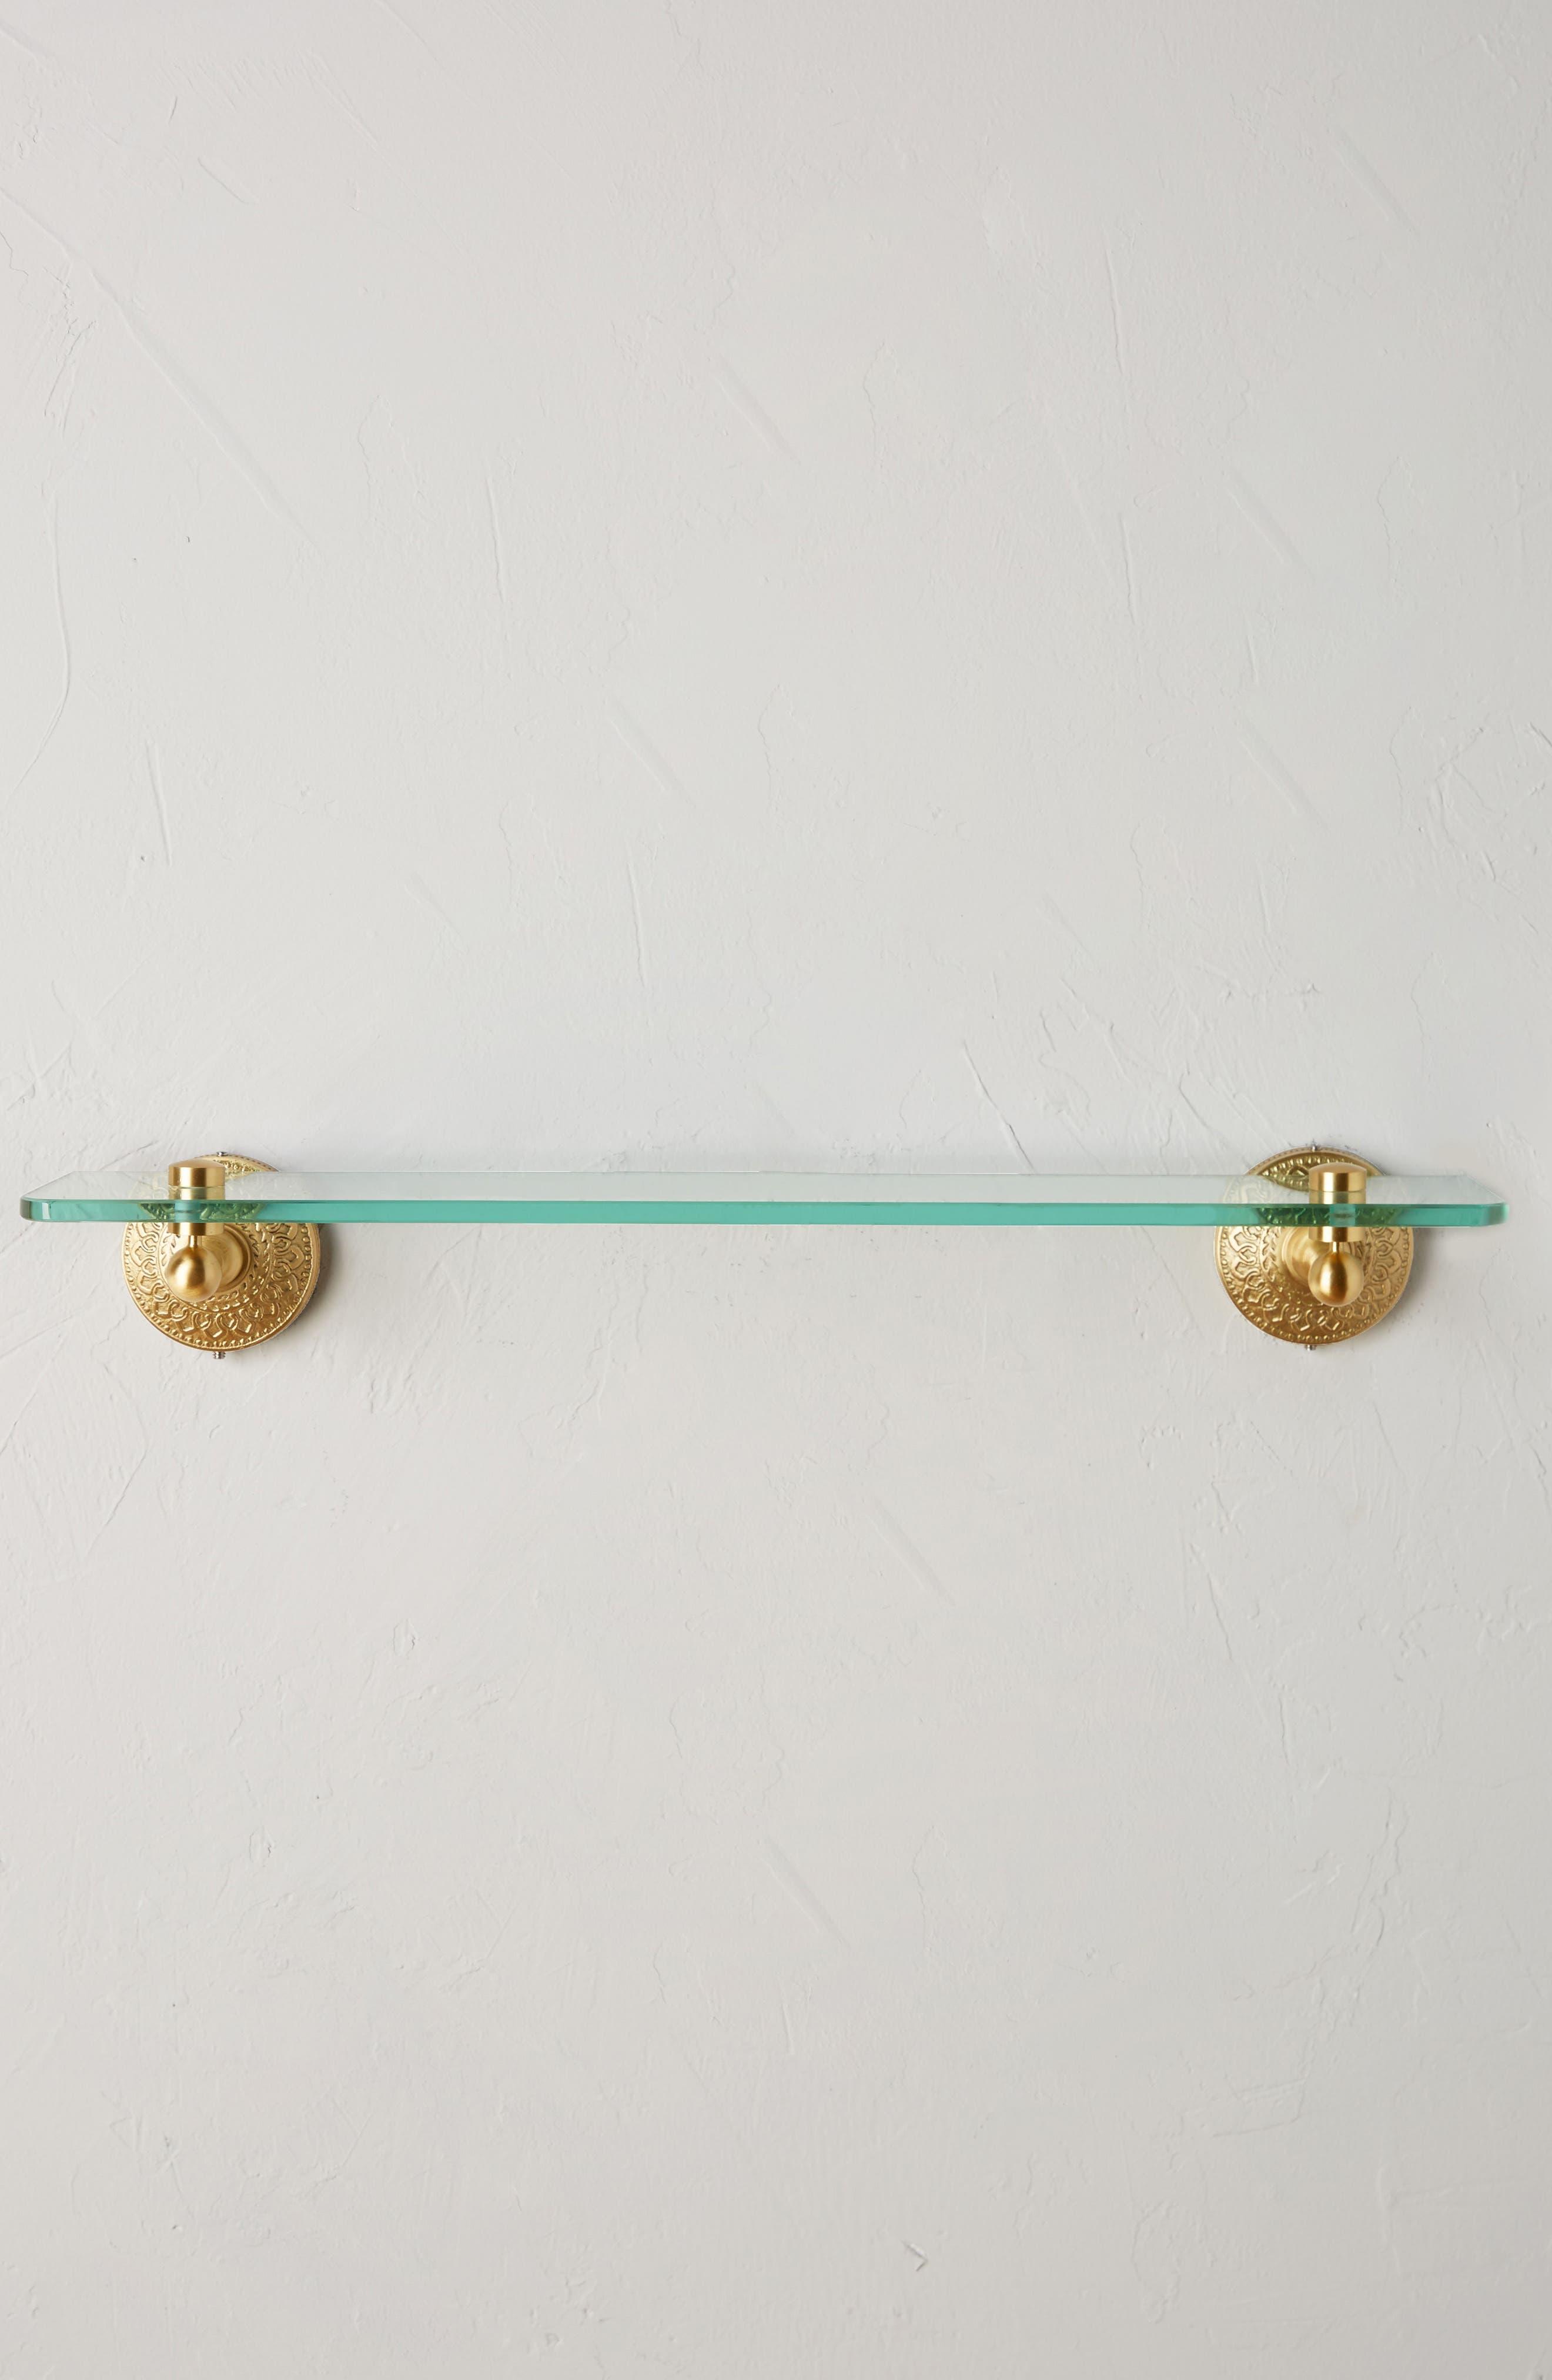 Brass Medallion Shelf,                             Alternate thumbnail 2, color,                             710